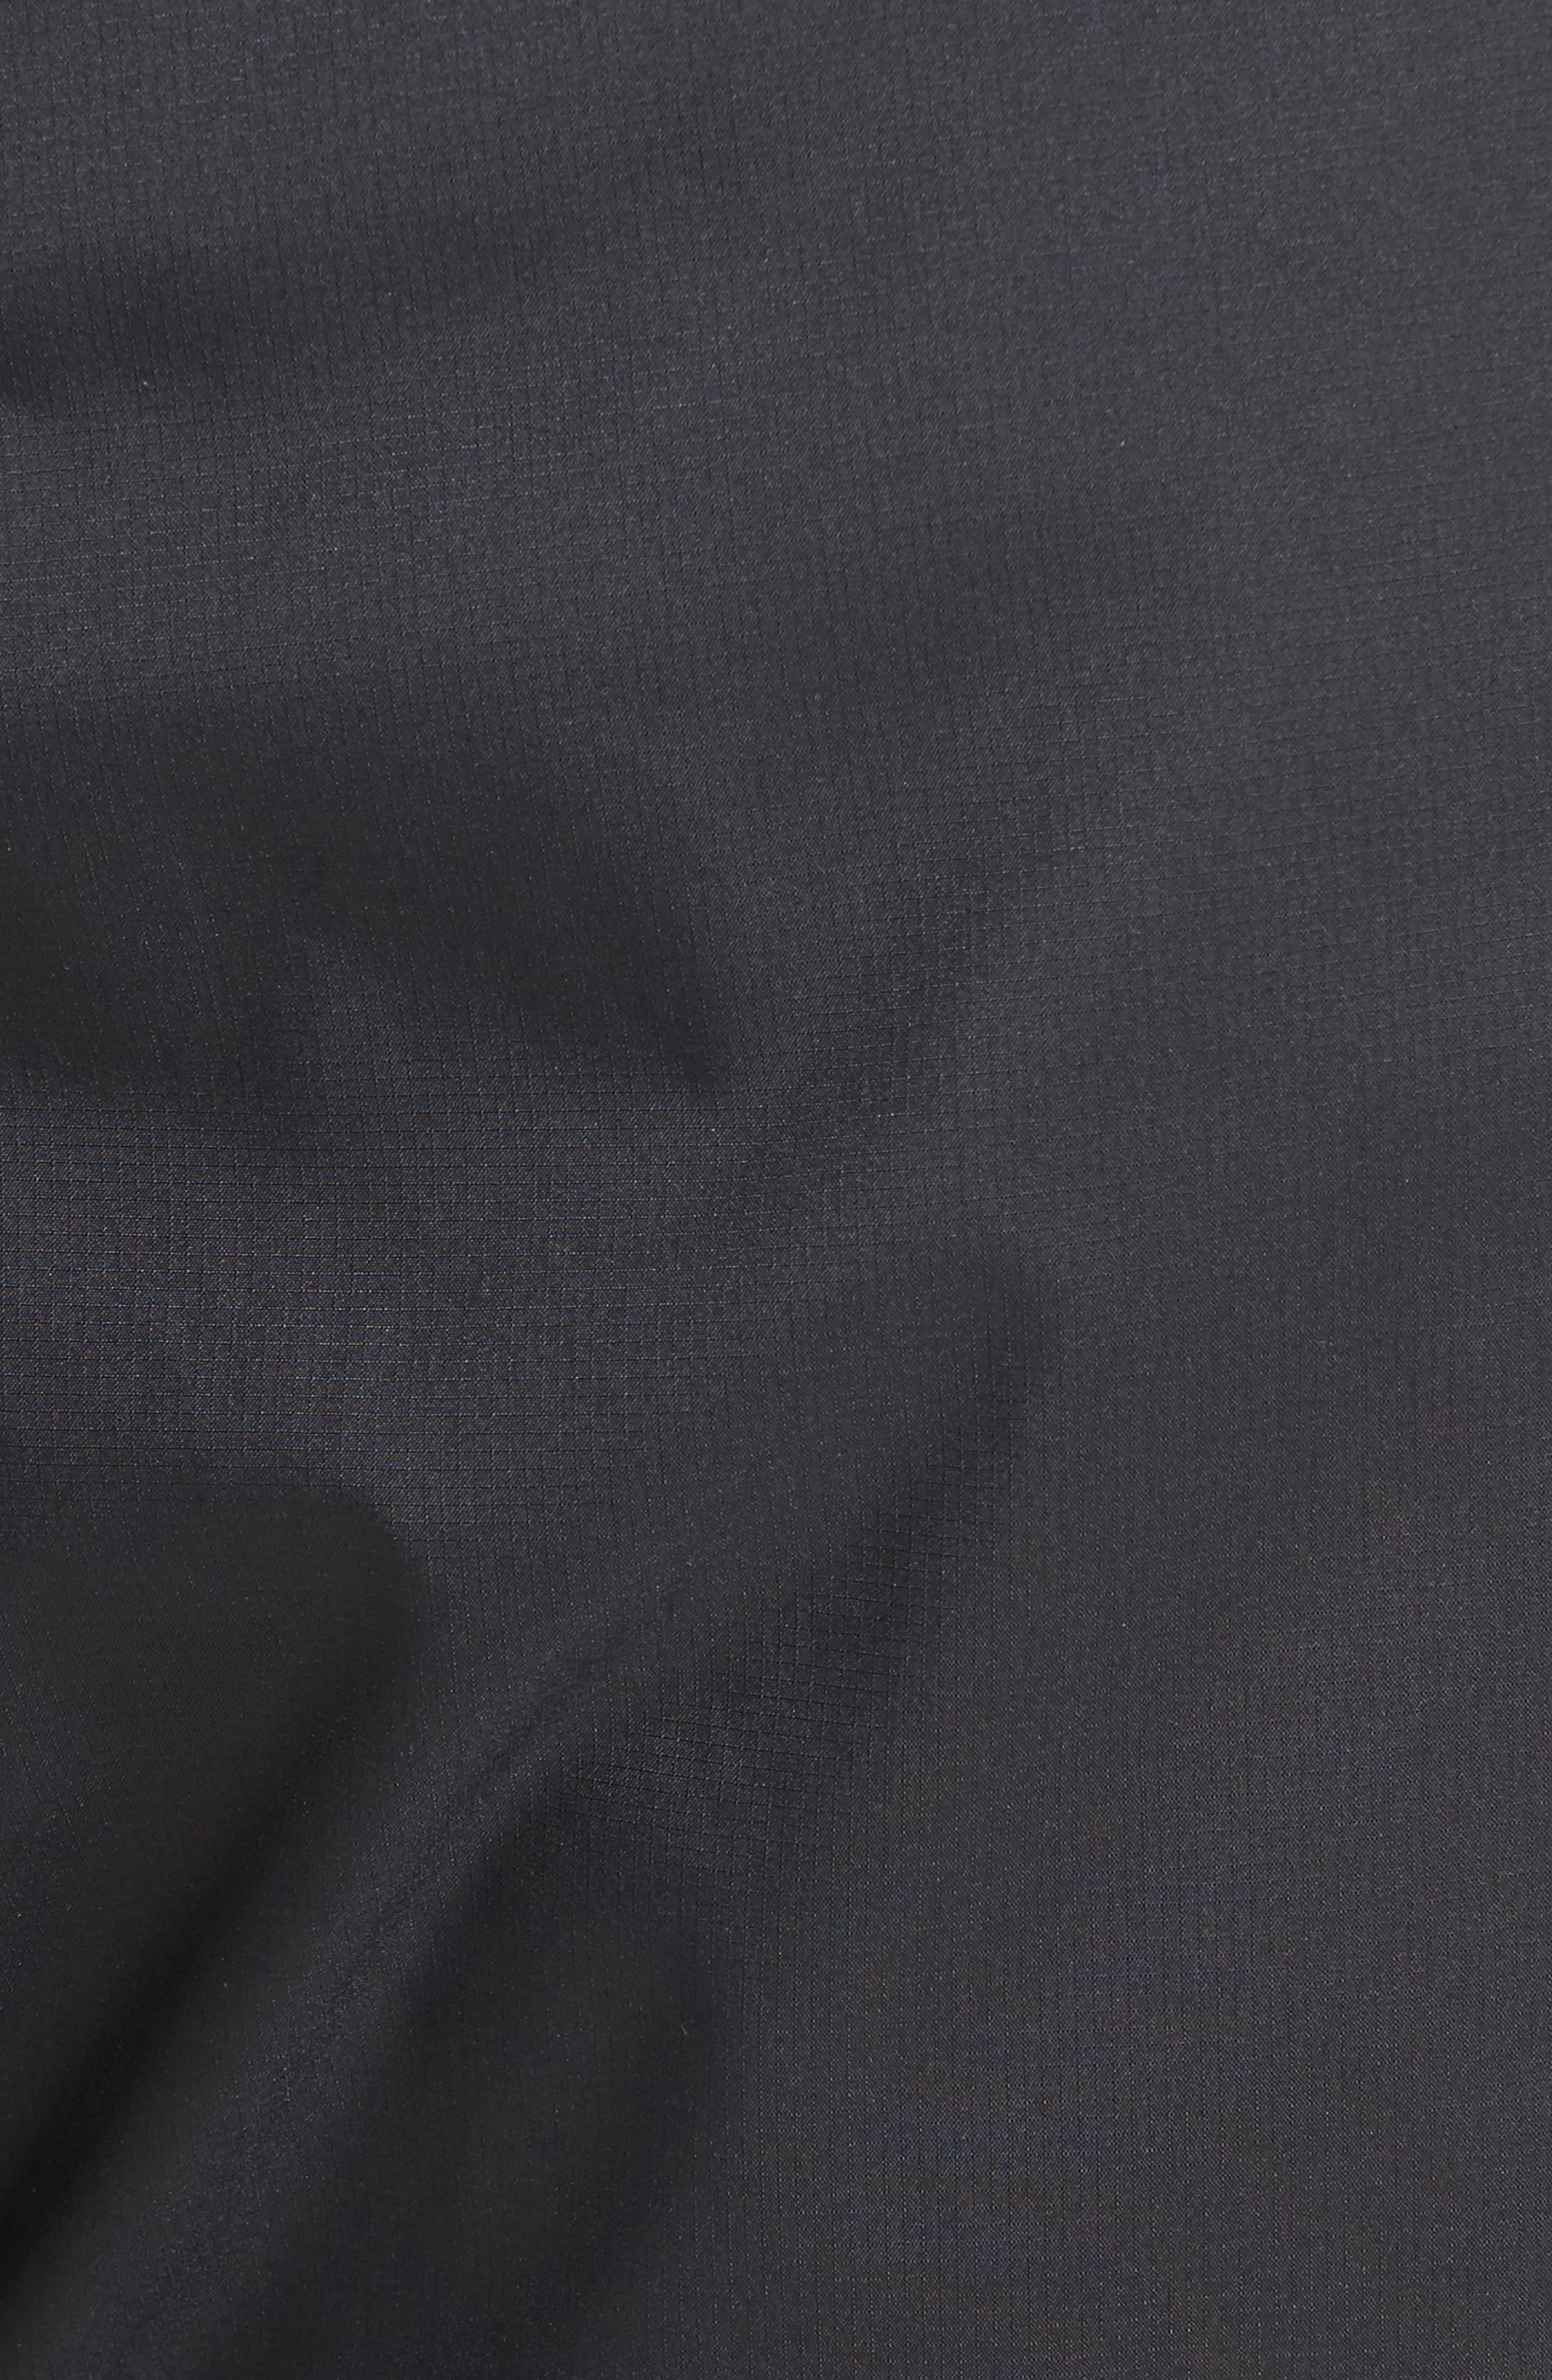 Windrunner Training Pants,                             Alternate thumbnail 7, color,                             Black/ Black/ Black/ White